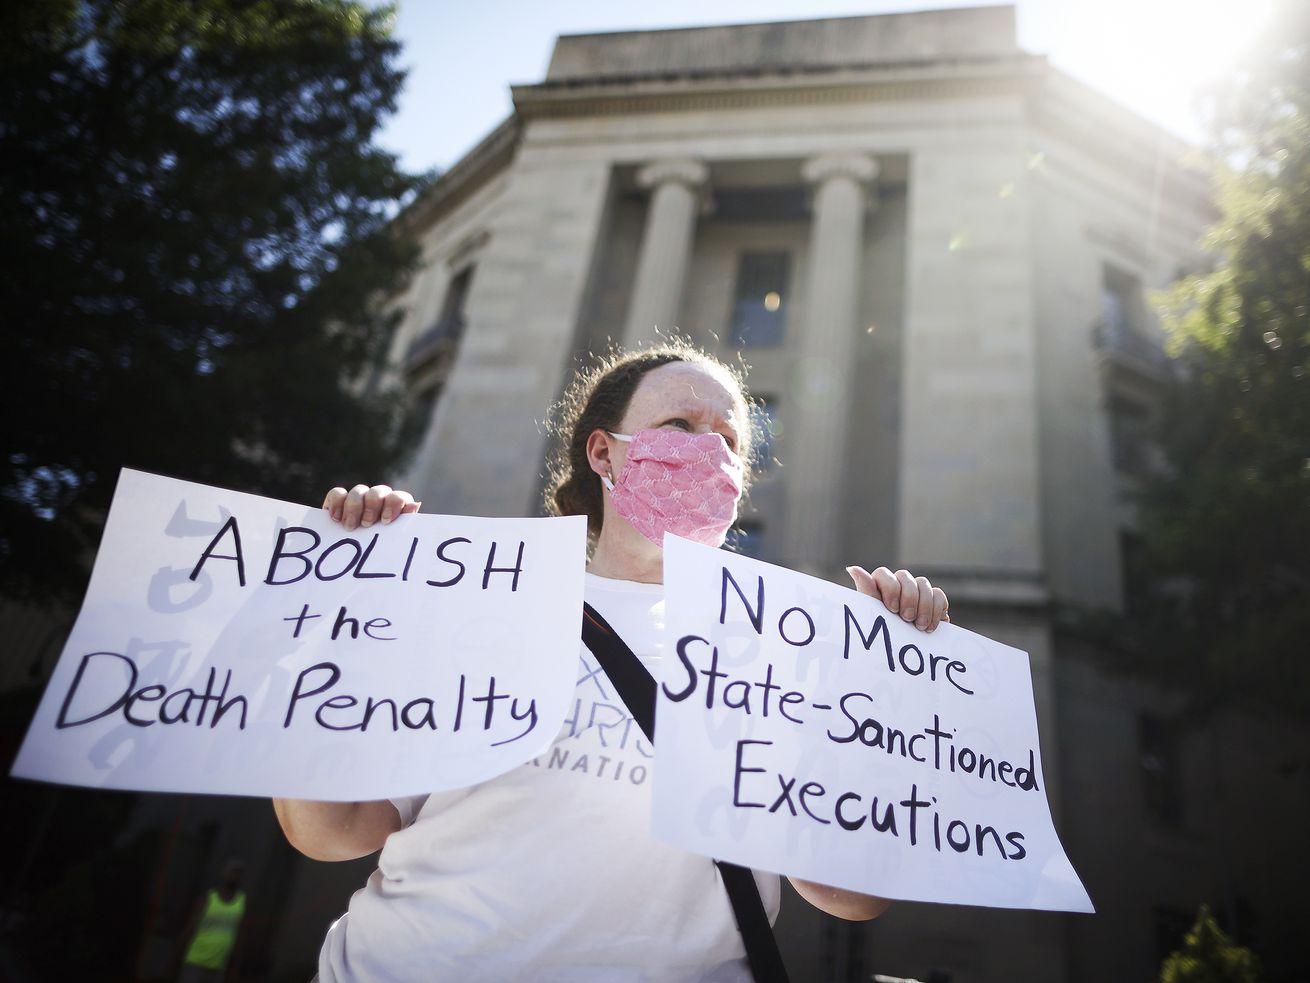 Une personne debout devant le bâtiment du ministère de la Justice tient des pancartes sur lesquelles on peut lire «Abolir la peine de mort» et «Plus d'exécutions sanctionnées par l'État».